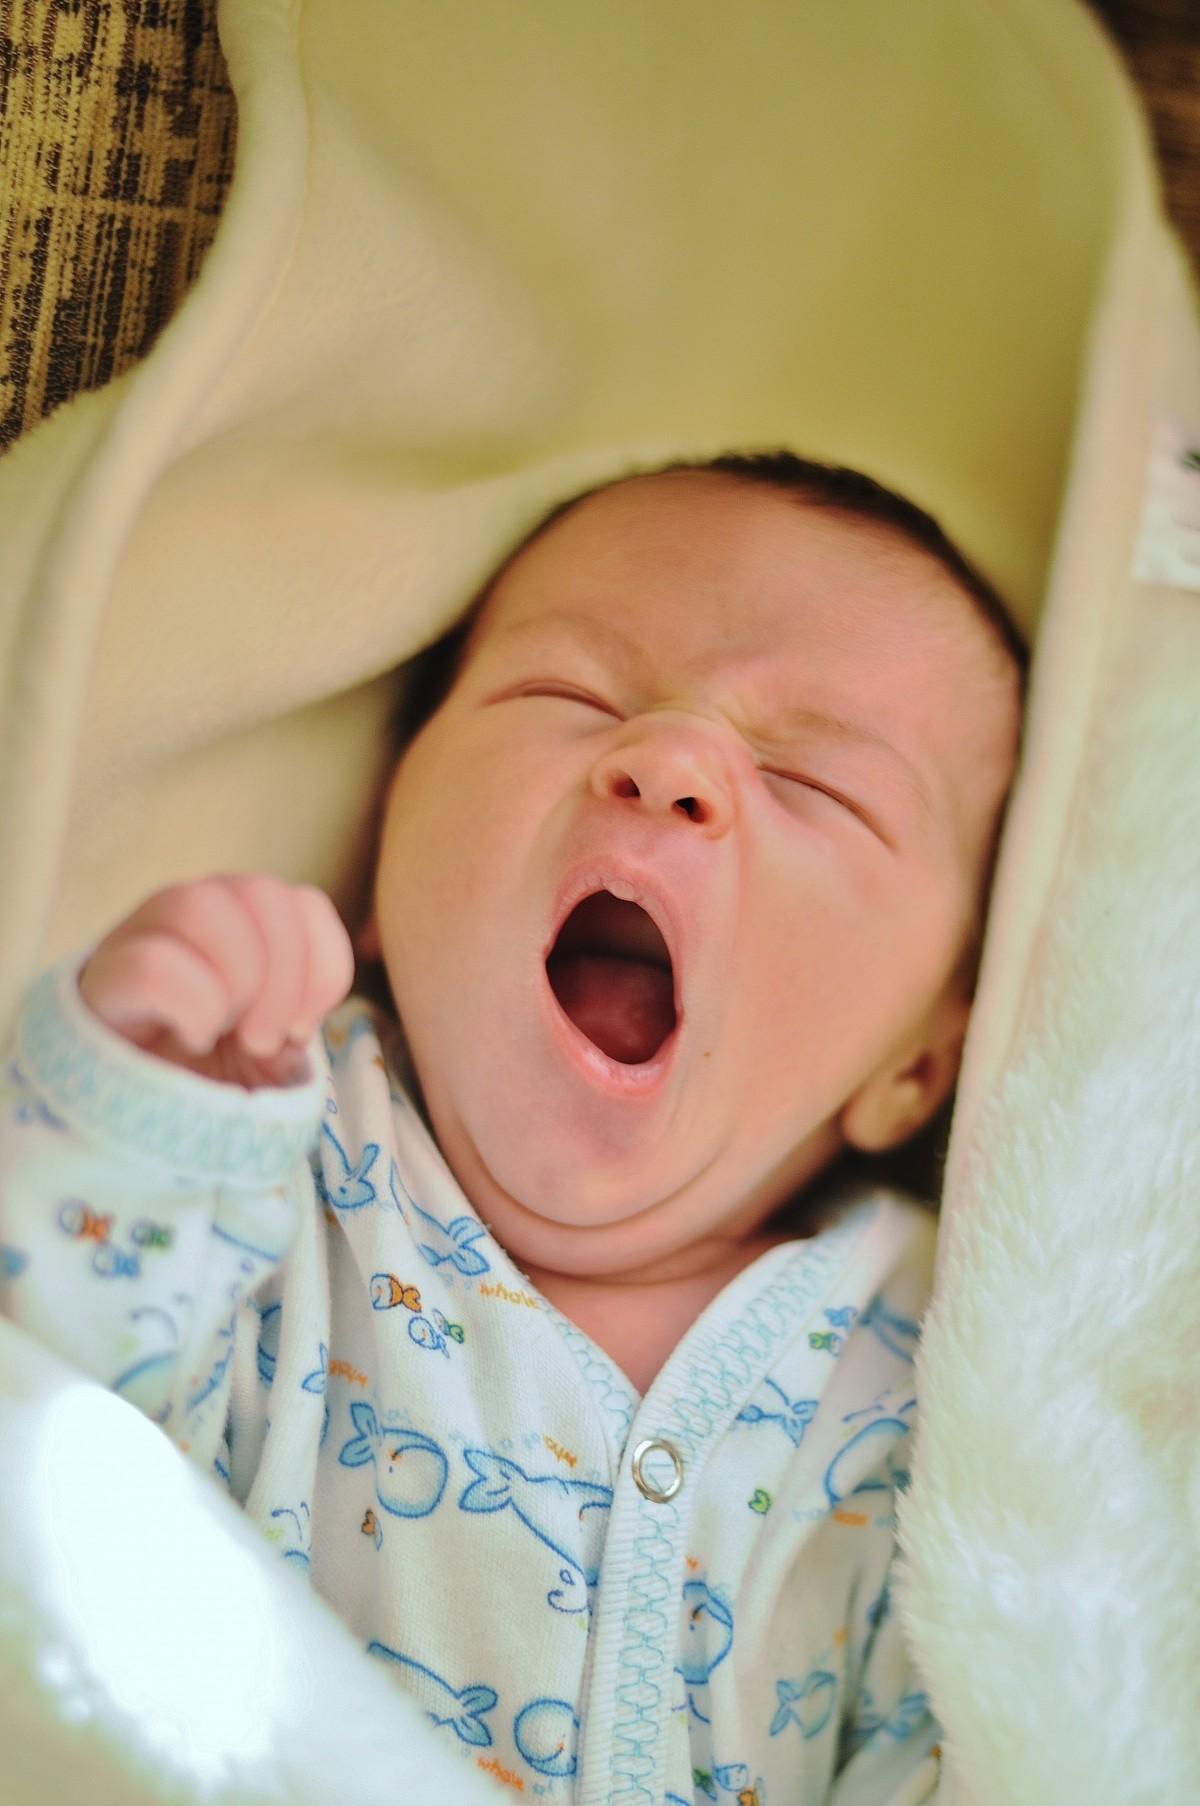 newborn_baby_child_little_infant_yawn-879460